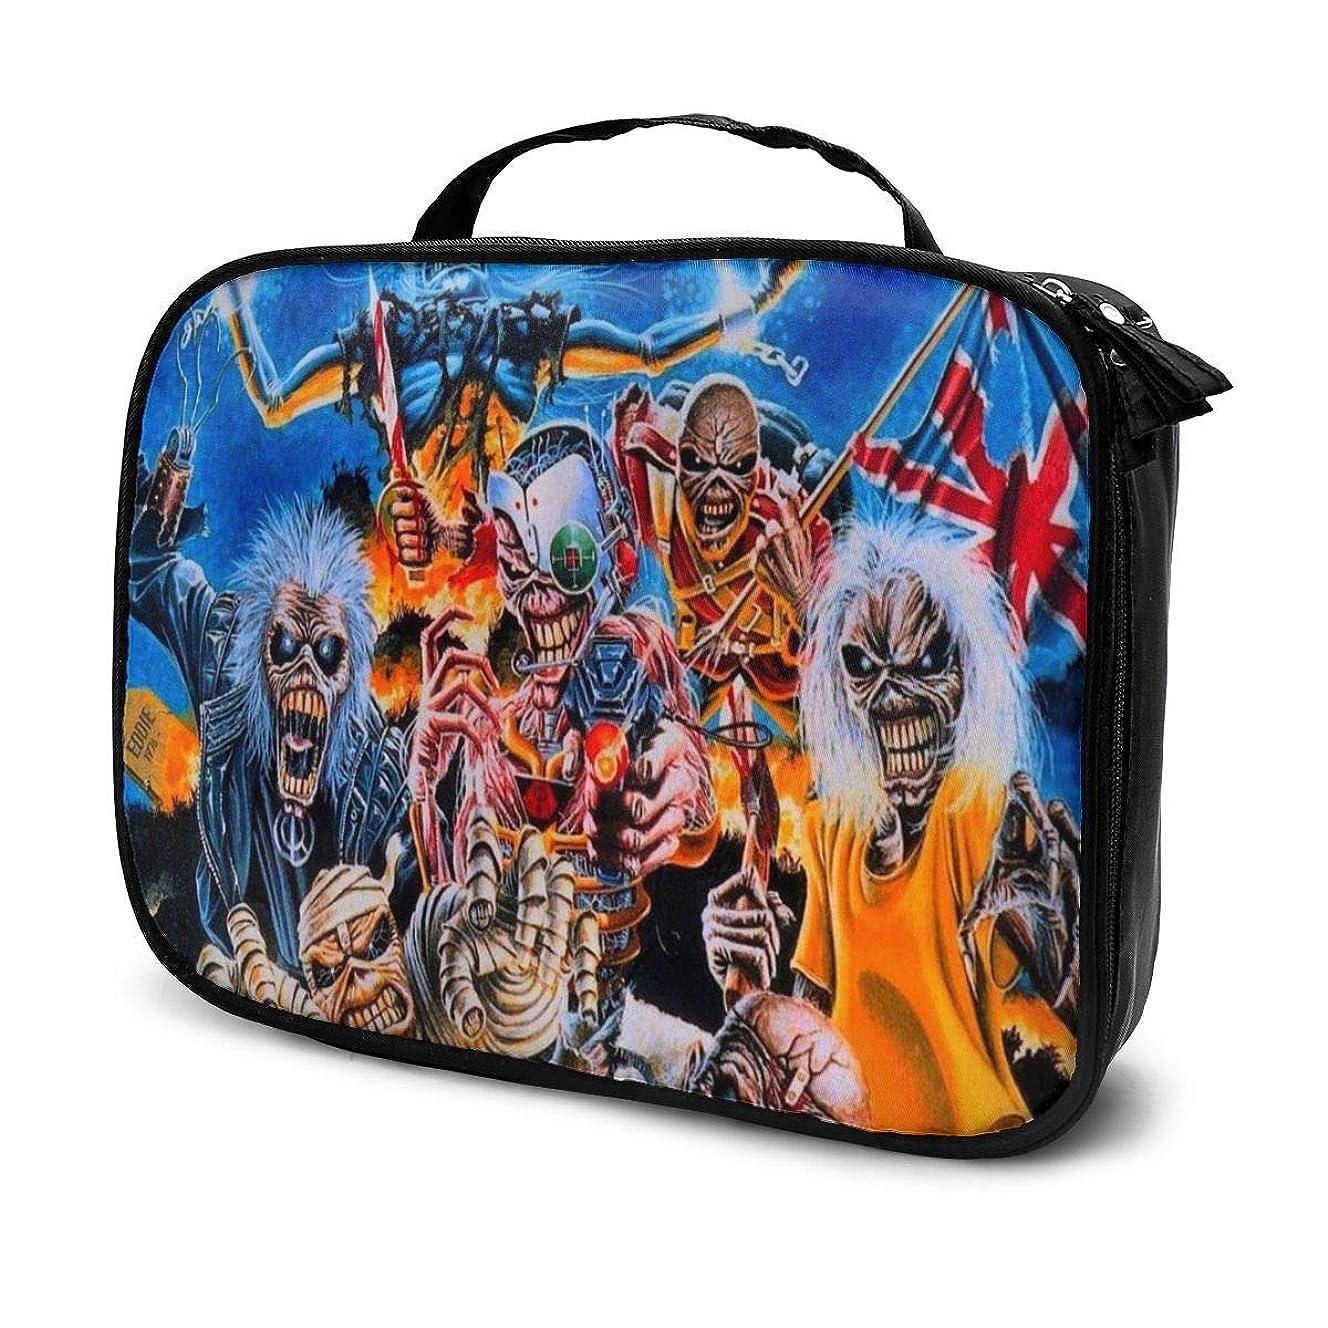 ウッズペインティングソーシャル化粧ポーチ 音楽Iron Maiden 女性化粧品バッグ ビューティー メイク道具 フェイスケアツール 化粧ポーチメイクボックス ホーム、旅行、ショッピング、ショッピング